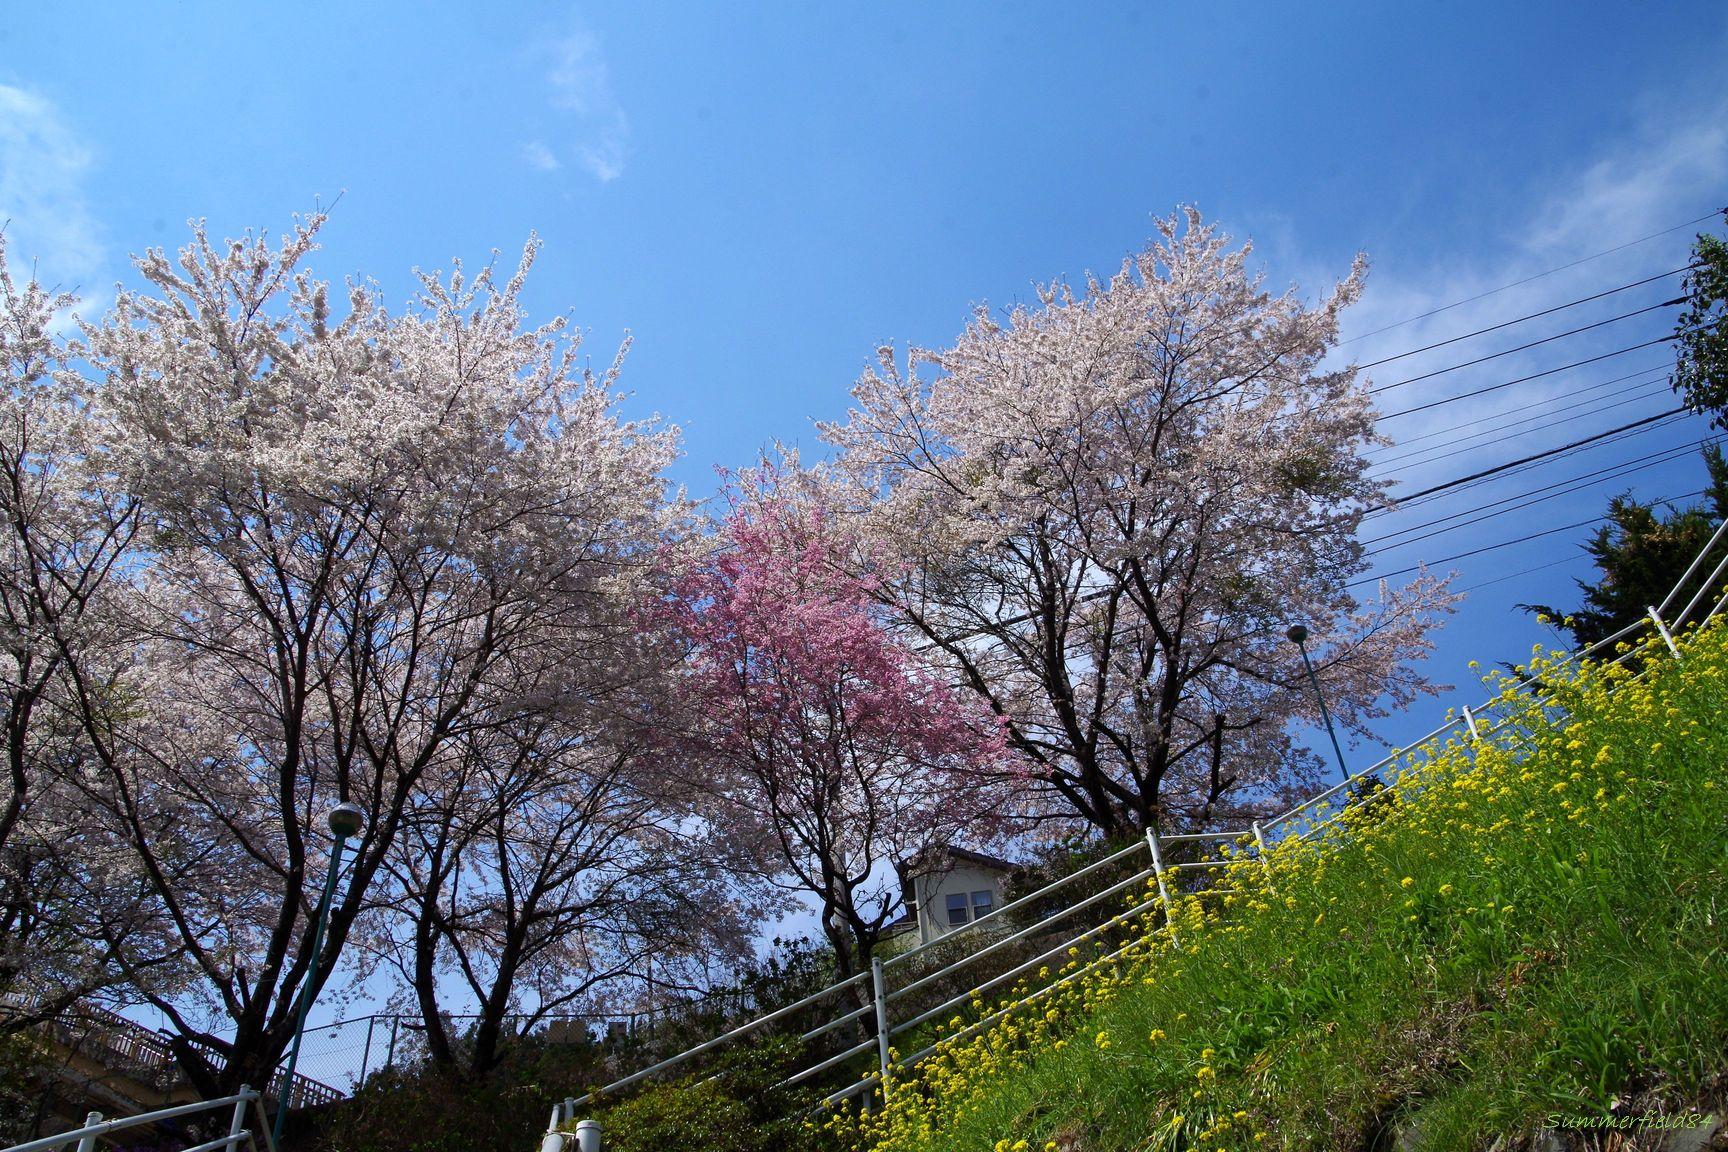 ちょっと遅い桜@わたらせ渓谷鐡道 本宿駅